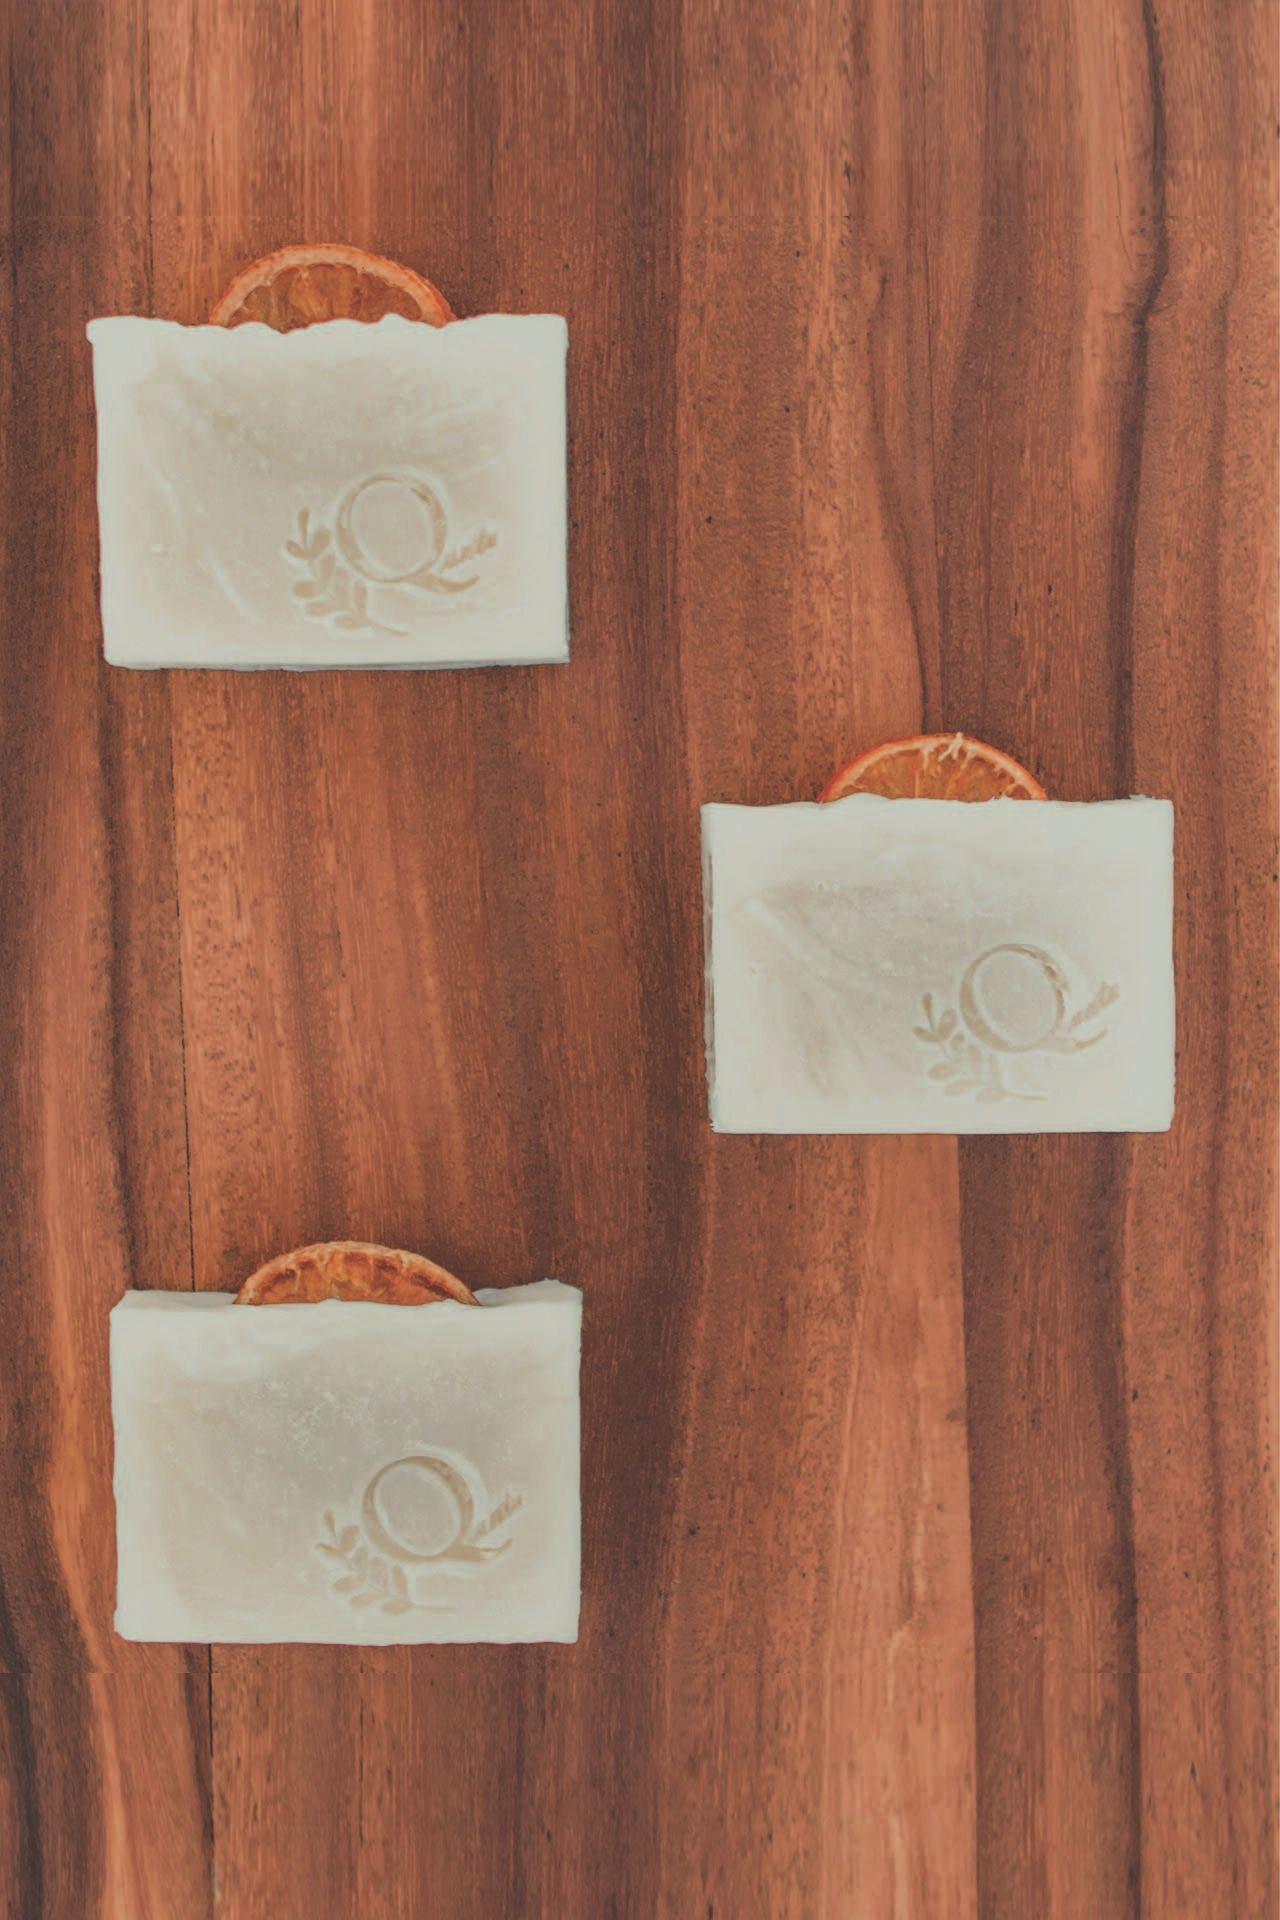 Jabón 100% natural con aceite esencial de naranja. Ideal para todo tipo tipo de piel.  Relajante, ayuda a tonificar la piel y a eliminar células muertas.